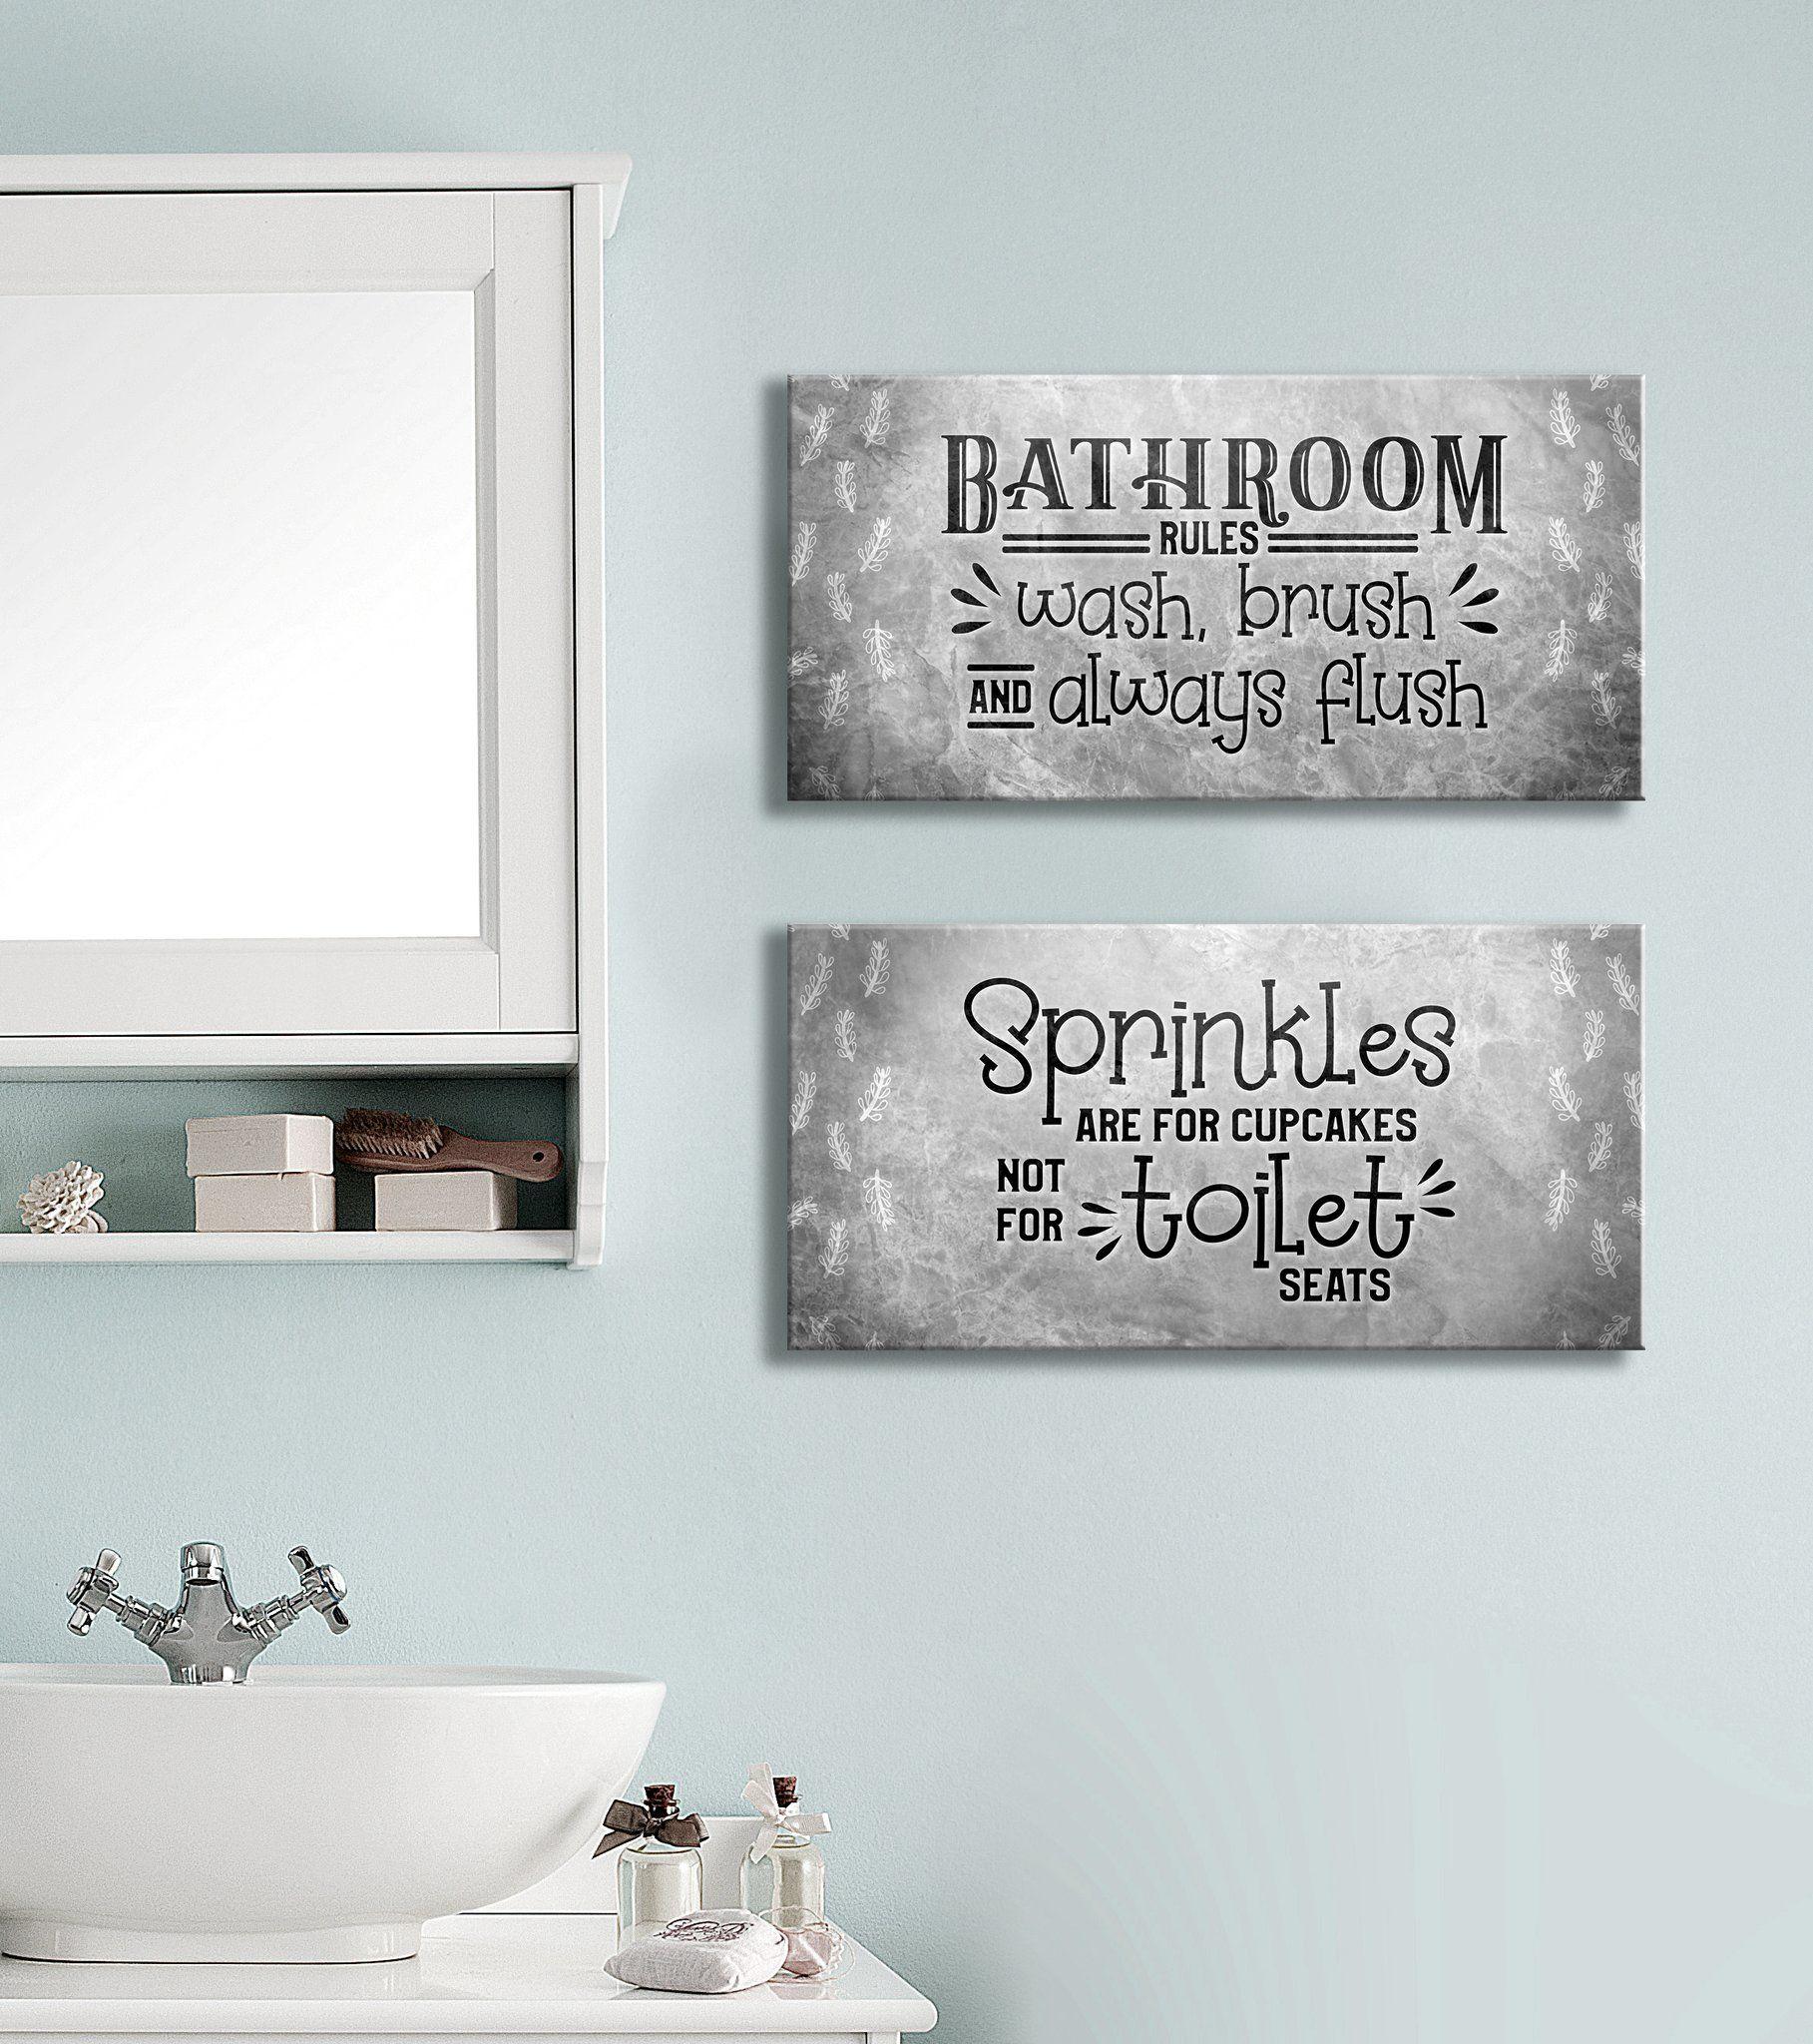 Bathroom Wall Art Set Of 2 Bathroom Rules Sprinkles Wood Frame Ready To Hang In 2020 Bathroom Rules Bathroom Wall Art Bathroom Wall